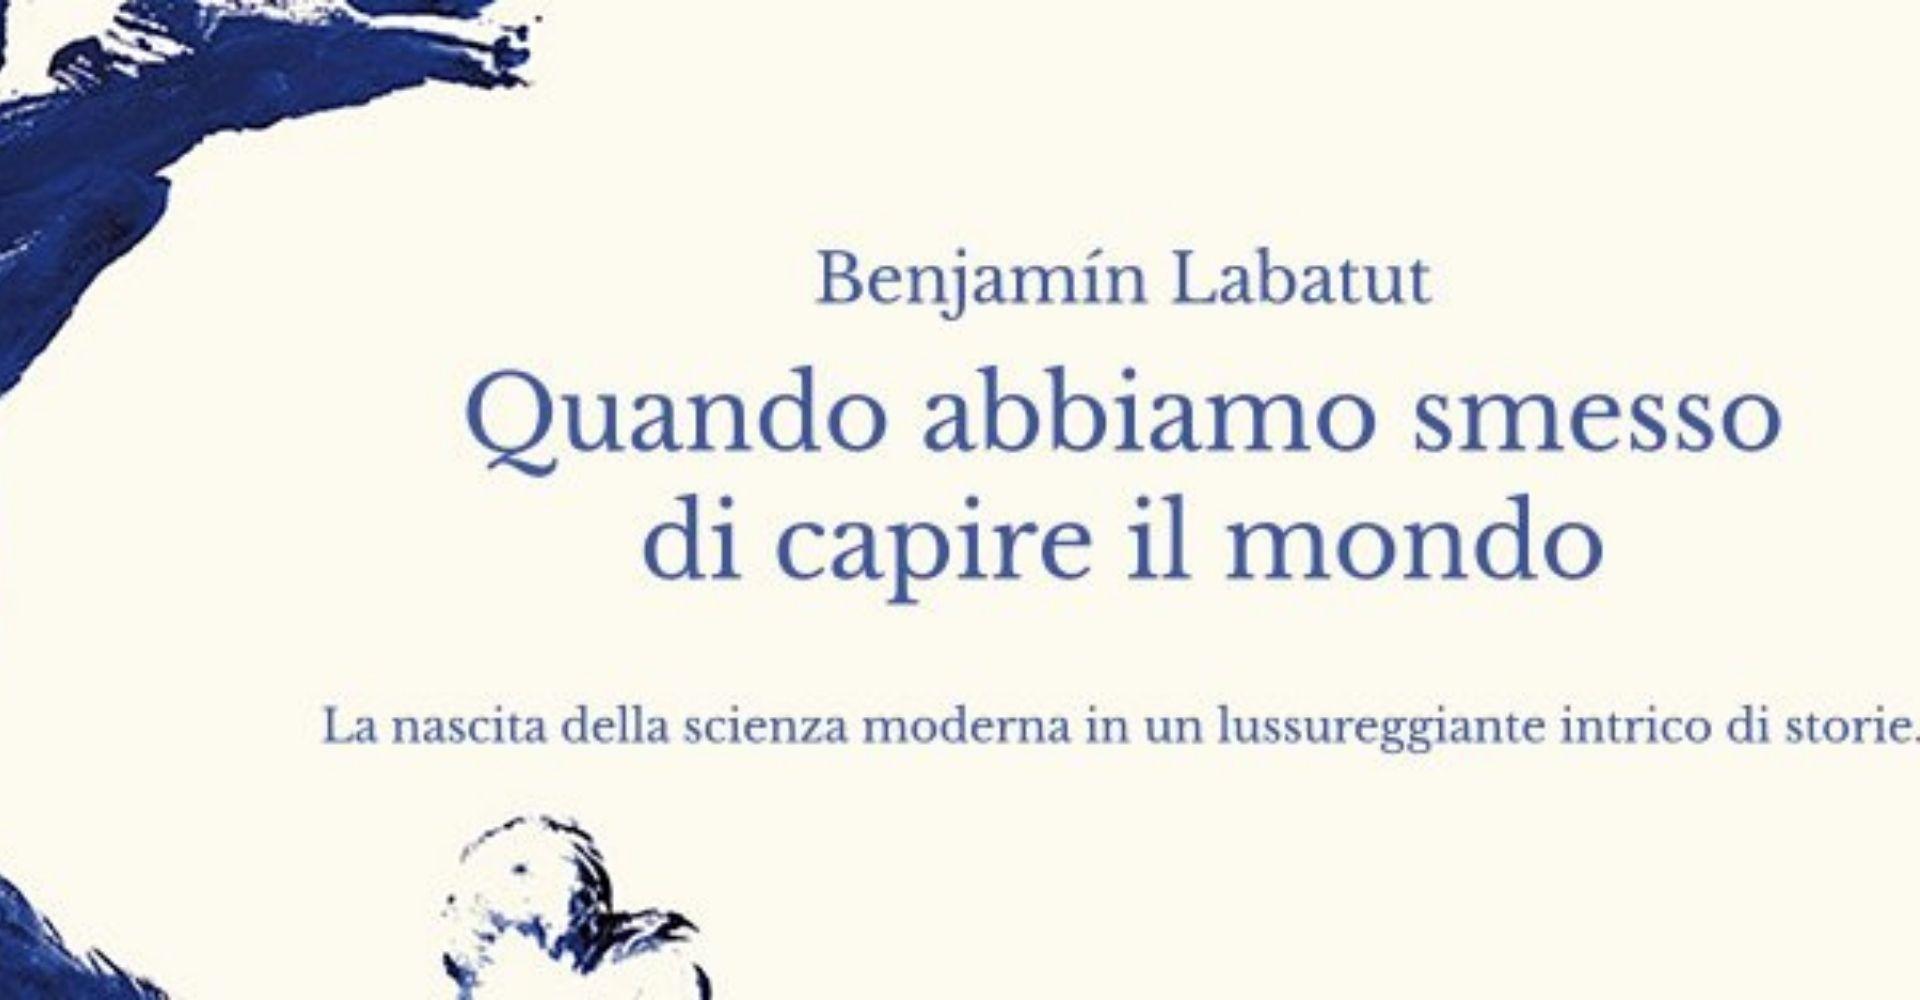 Narrare l'oscuro della scienza: il caso Benjamín Labatut